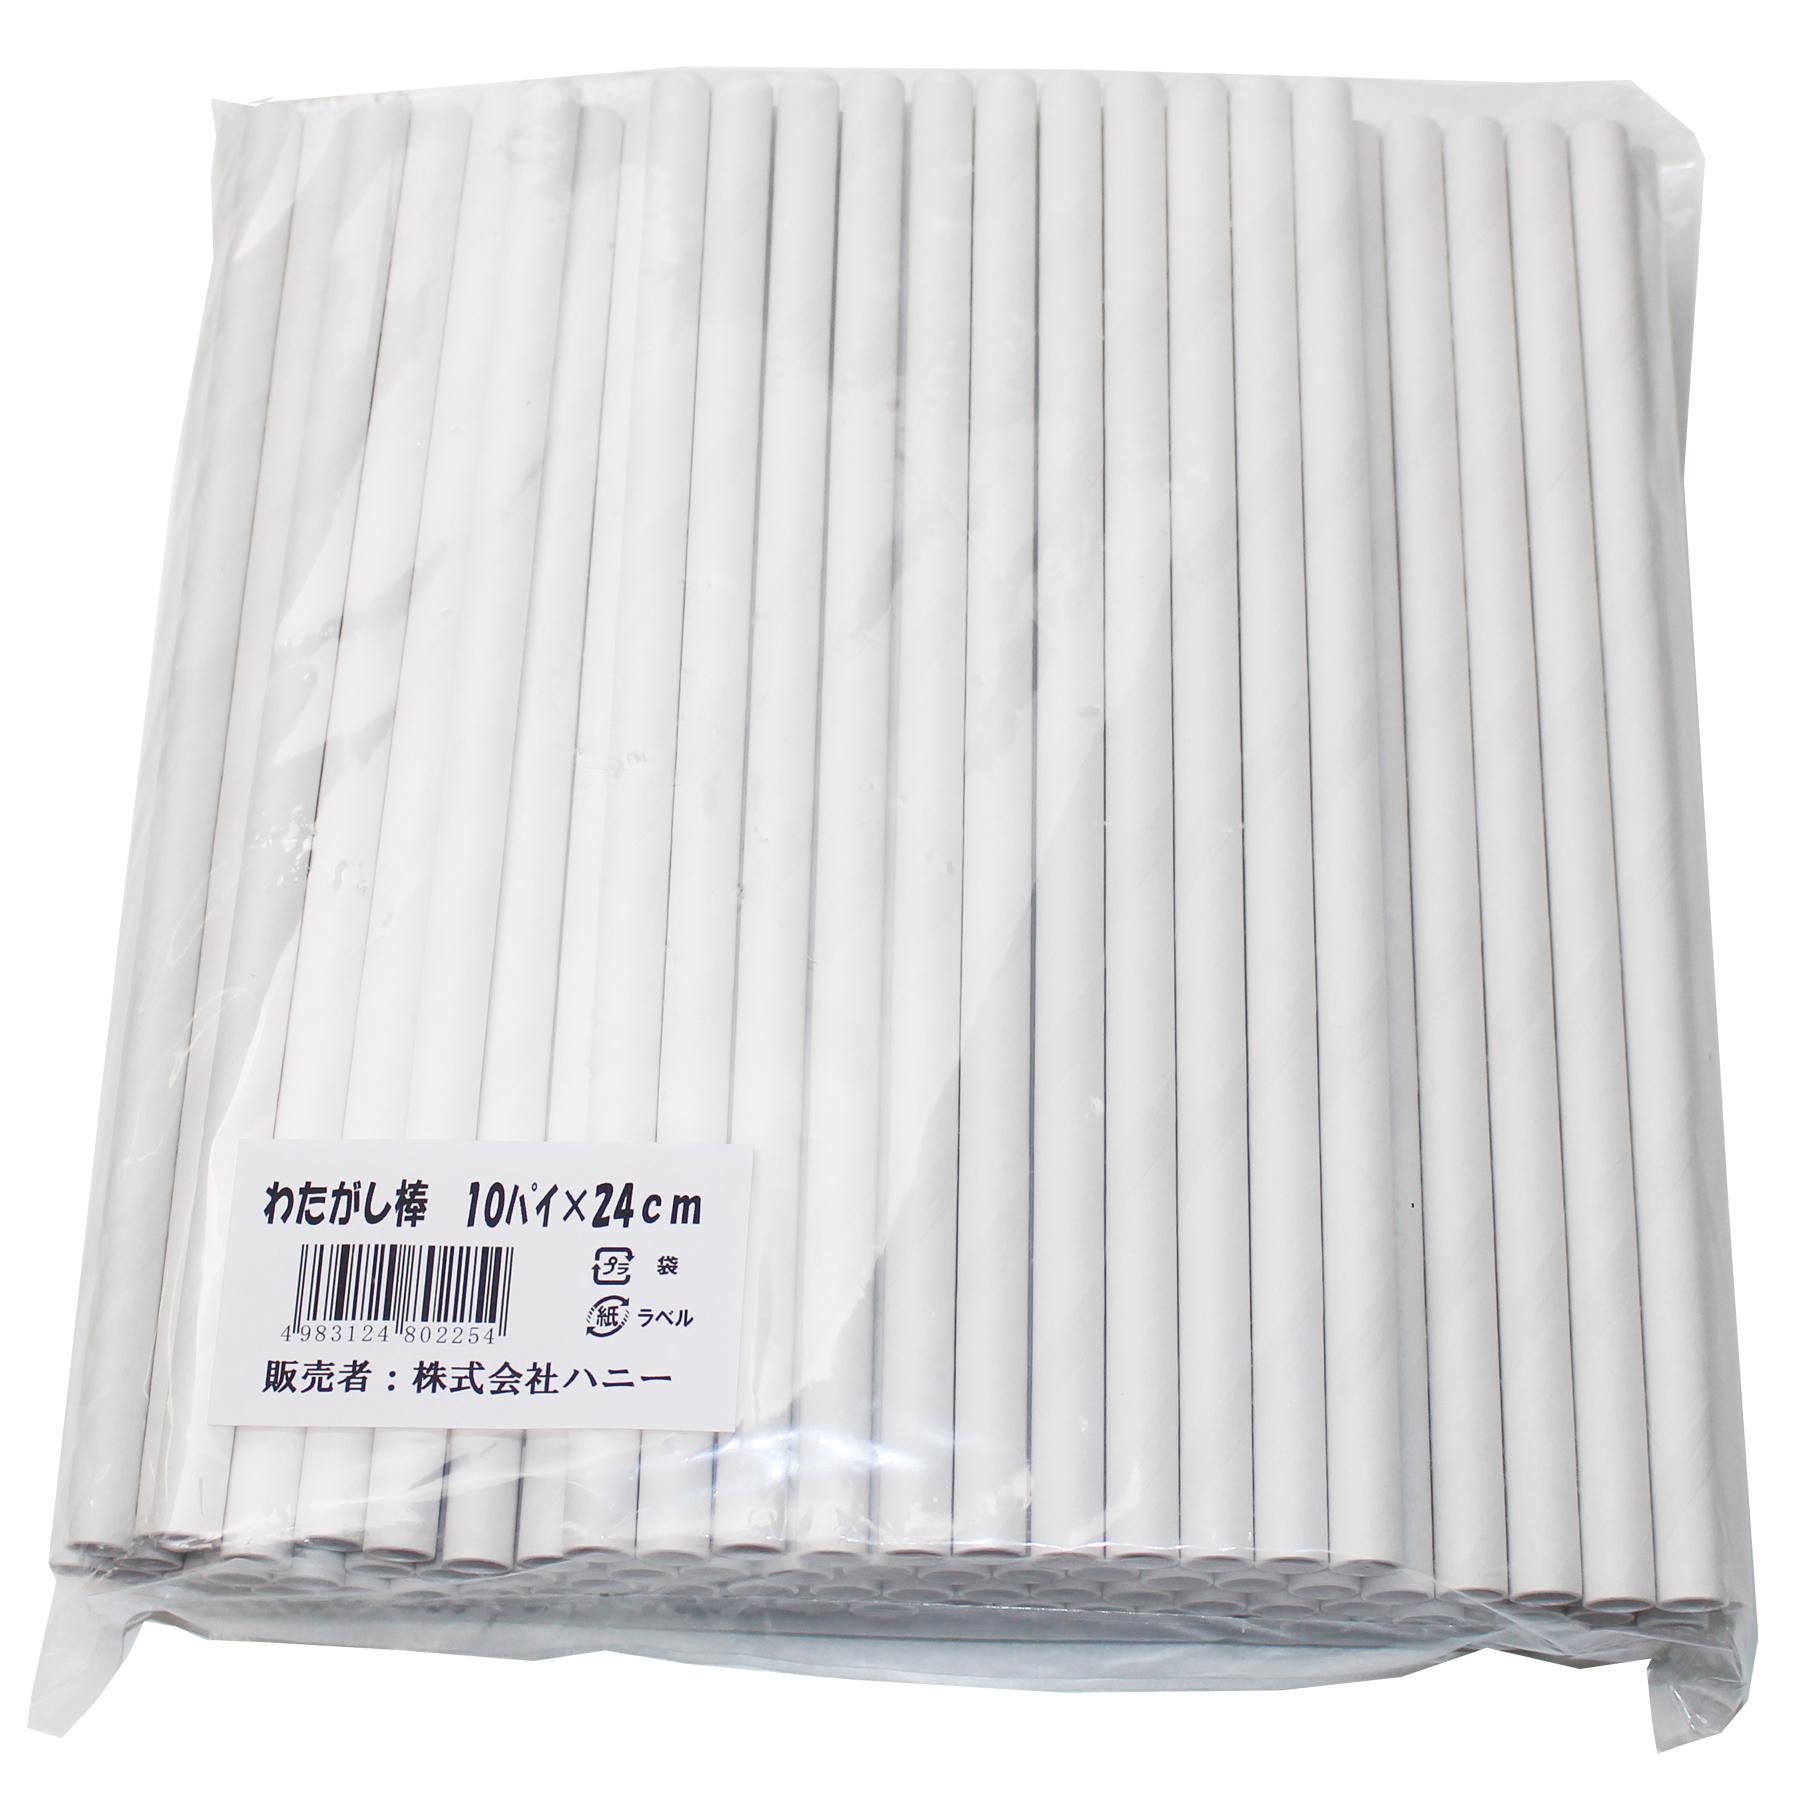 綿菓子(わたがし)資材 綿菓子(わたがし)紙筒棒